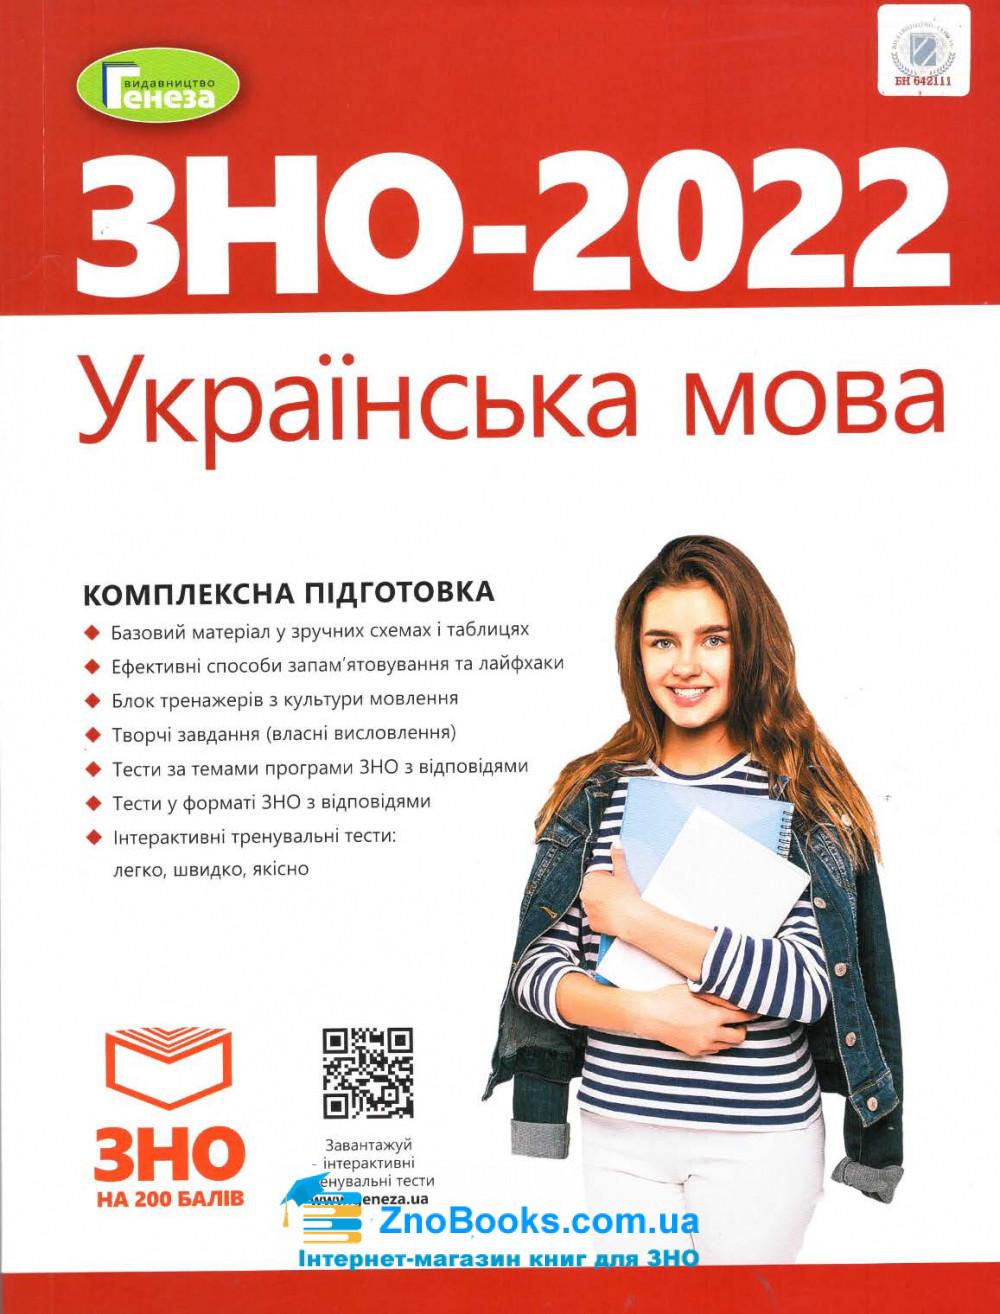 Українська мова ЗНО 2022. Комплексна підготовка : Терещенко В. та ін. Генеза. купити 0